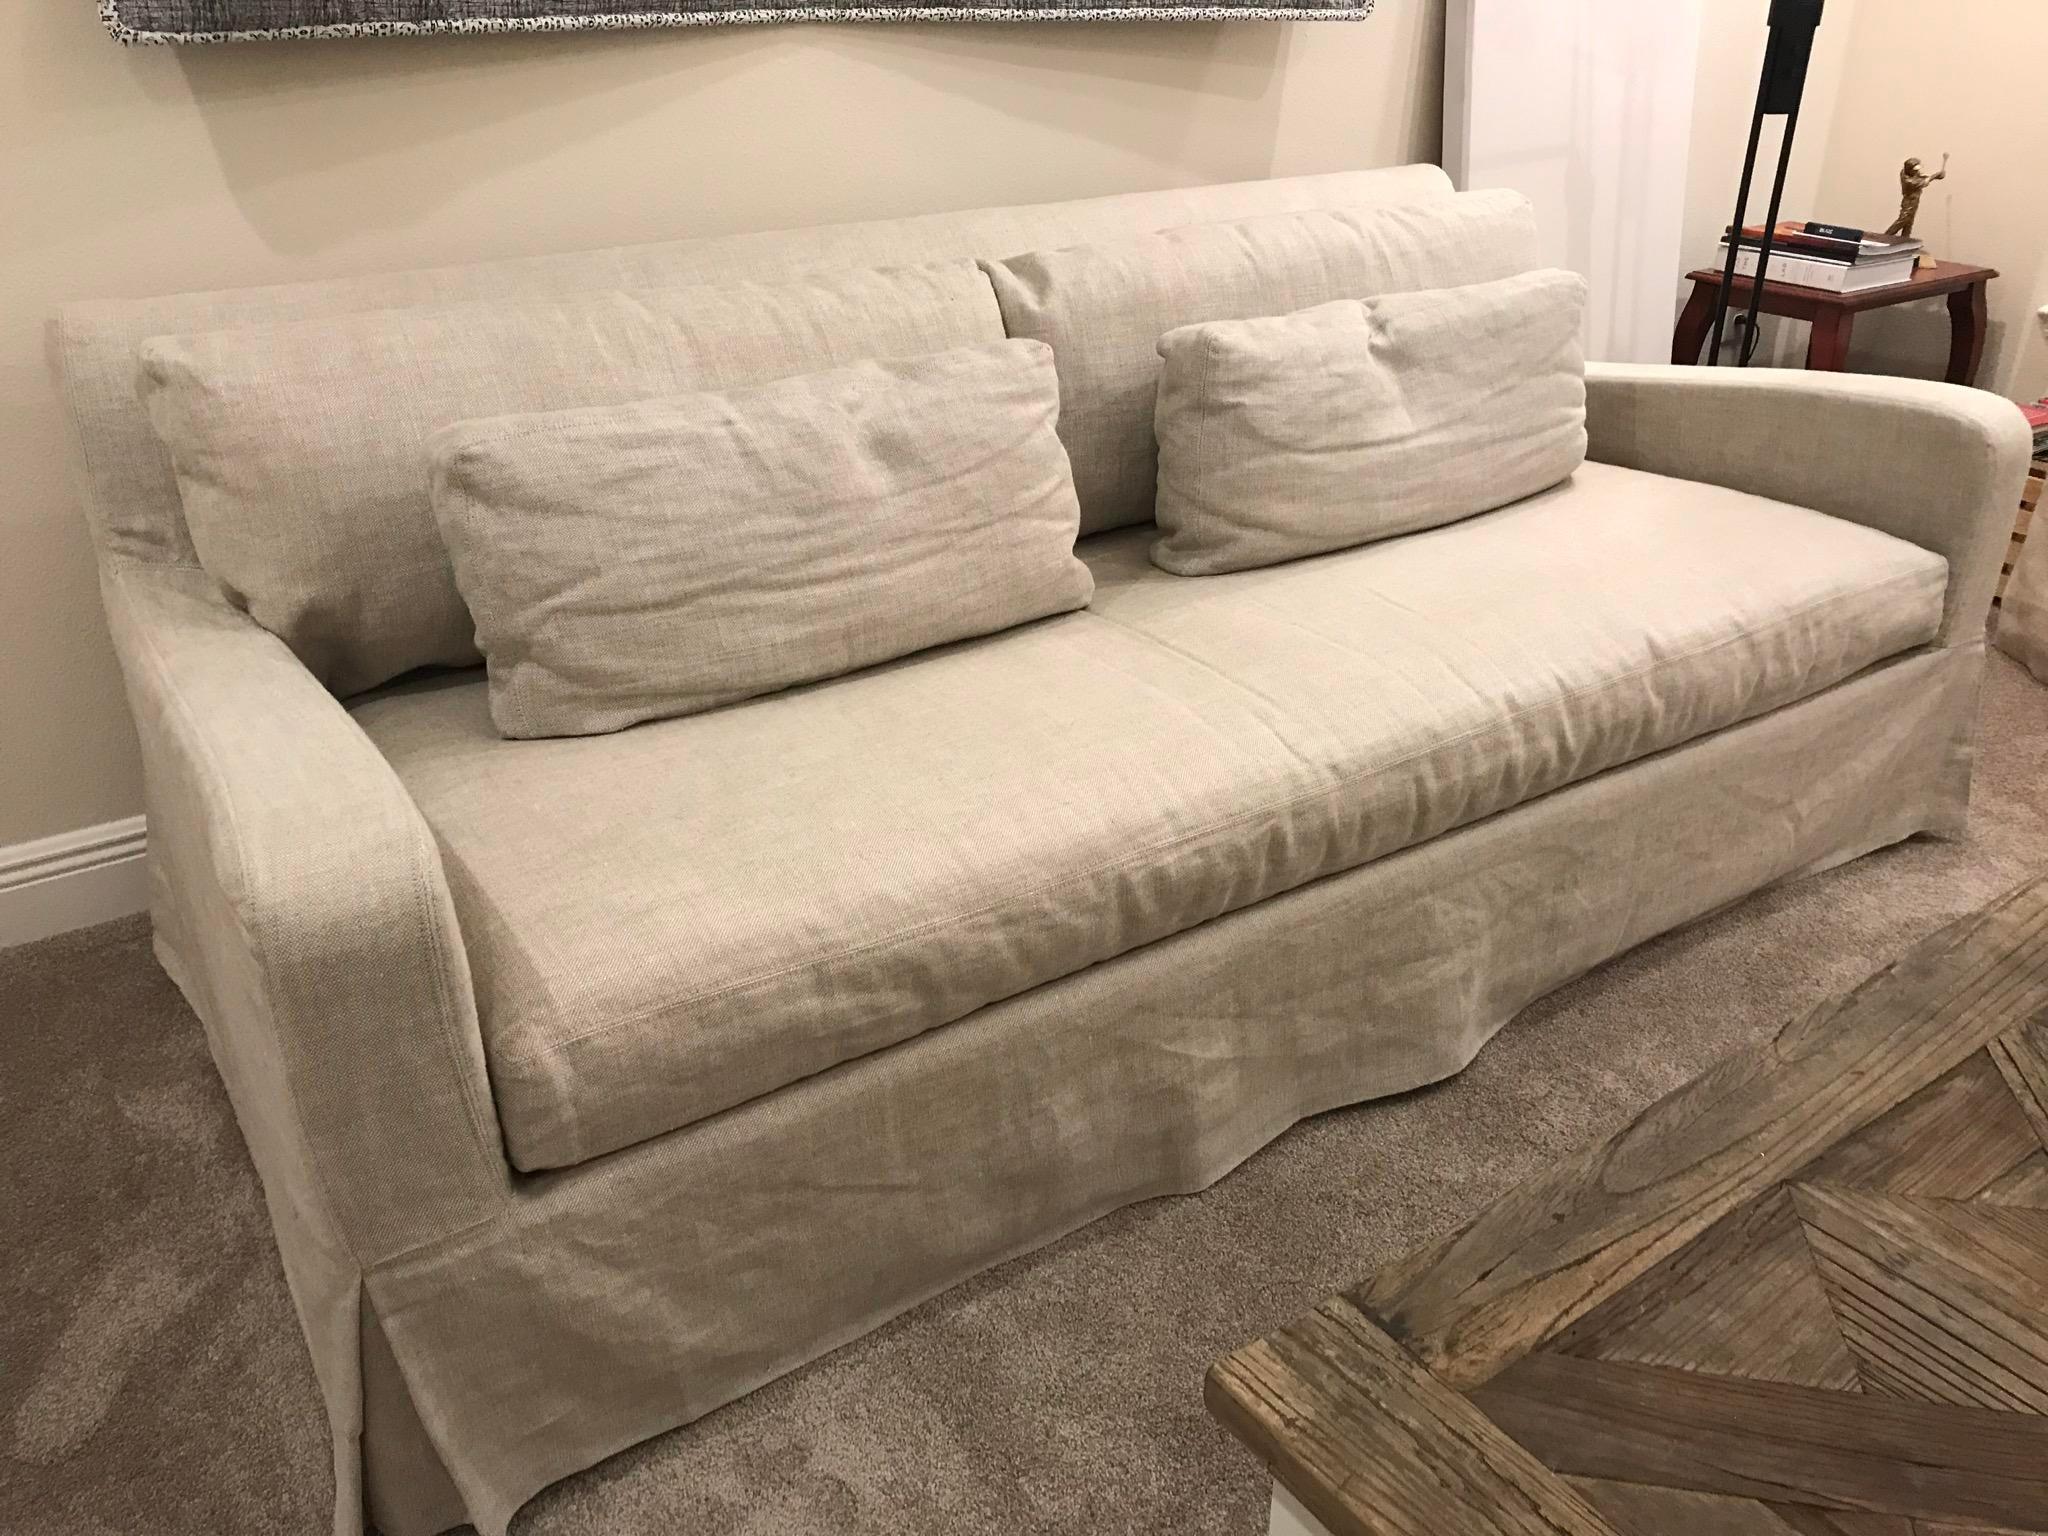 Attractive Restoration Hardware Belgian Linen Sofa   Image 4 Of 5